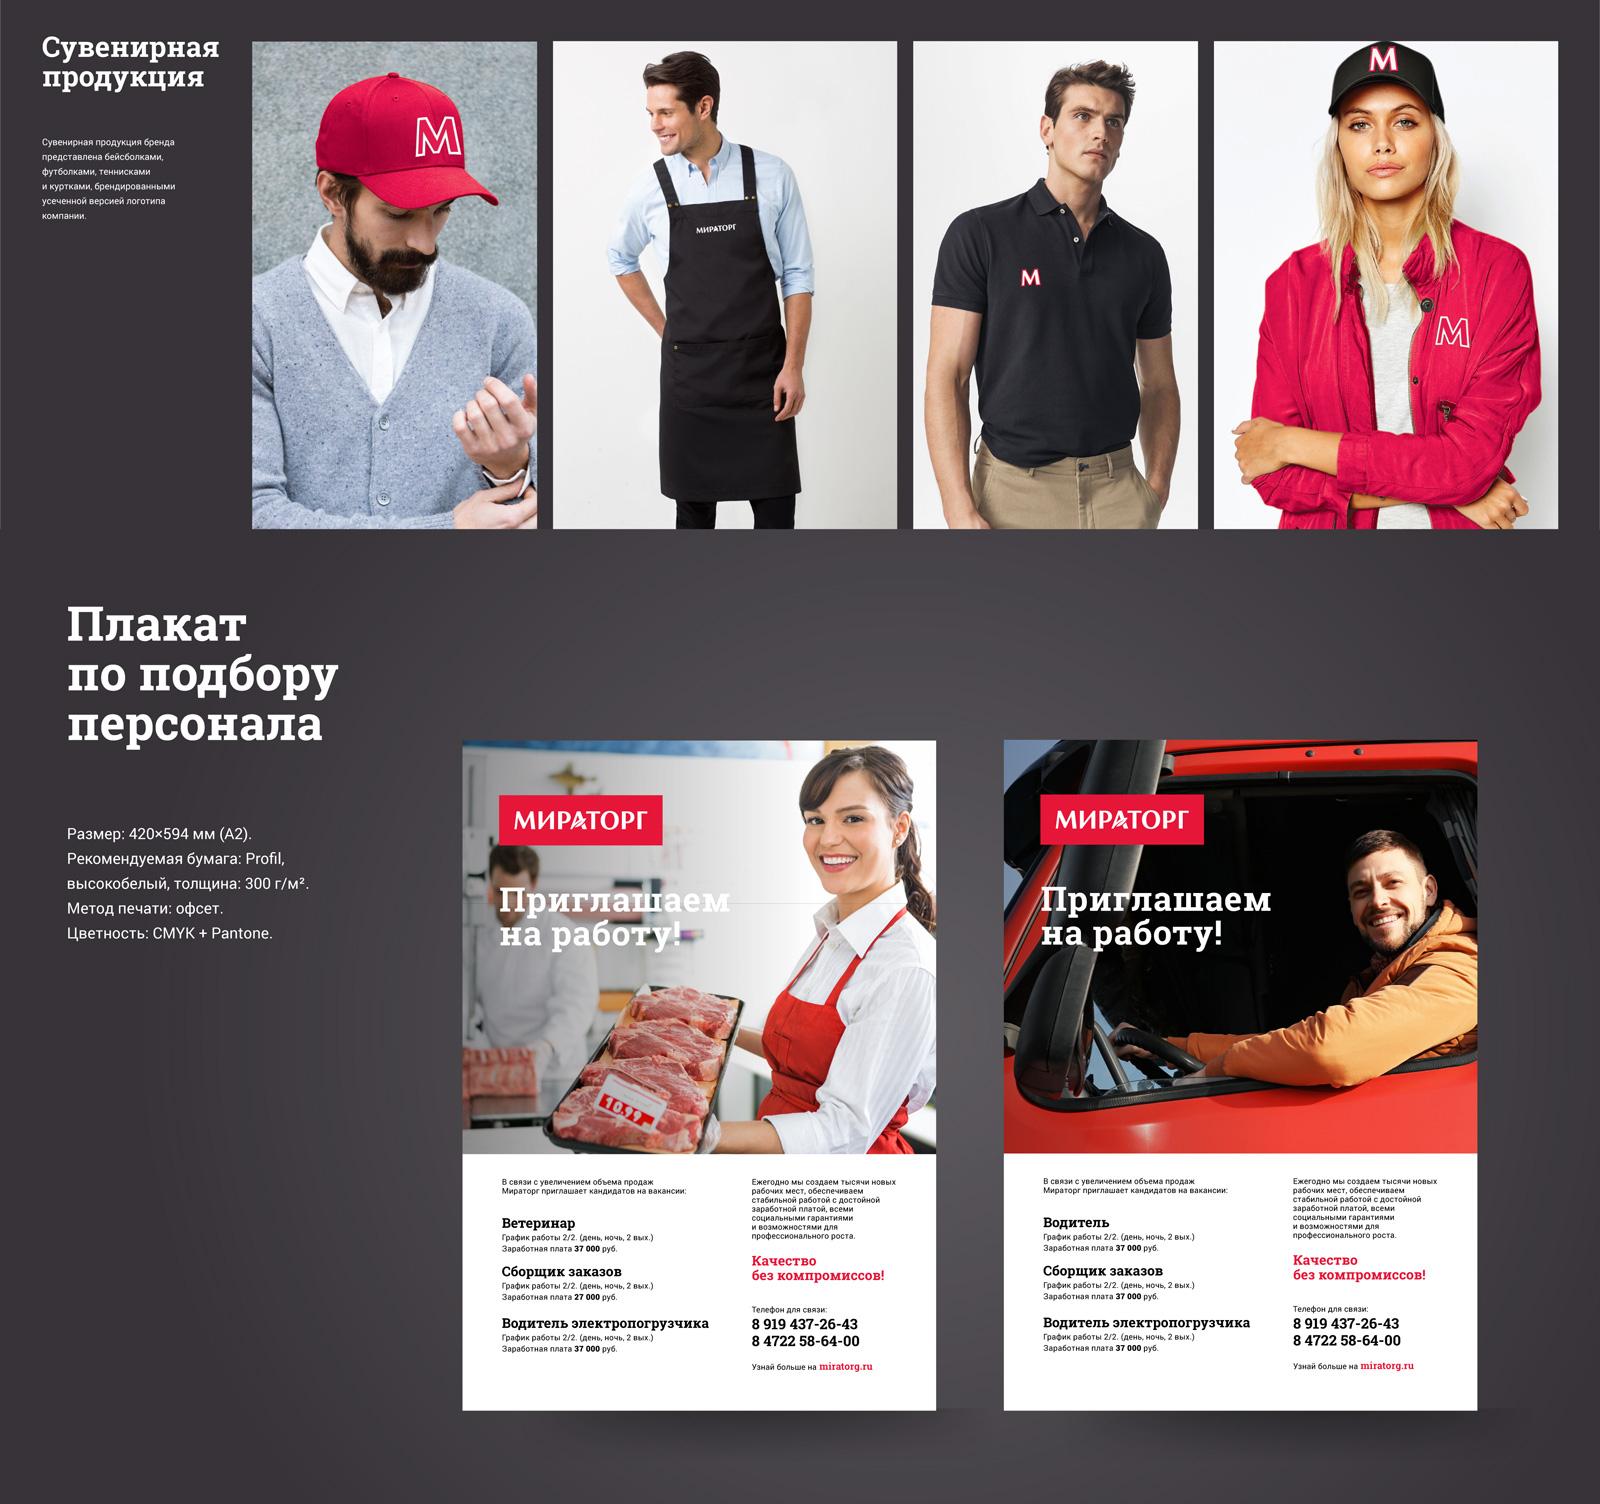 Дизайн полиграфии бренда, плакаты по подбору персонала